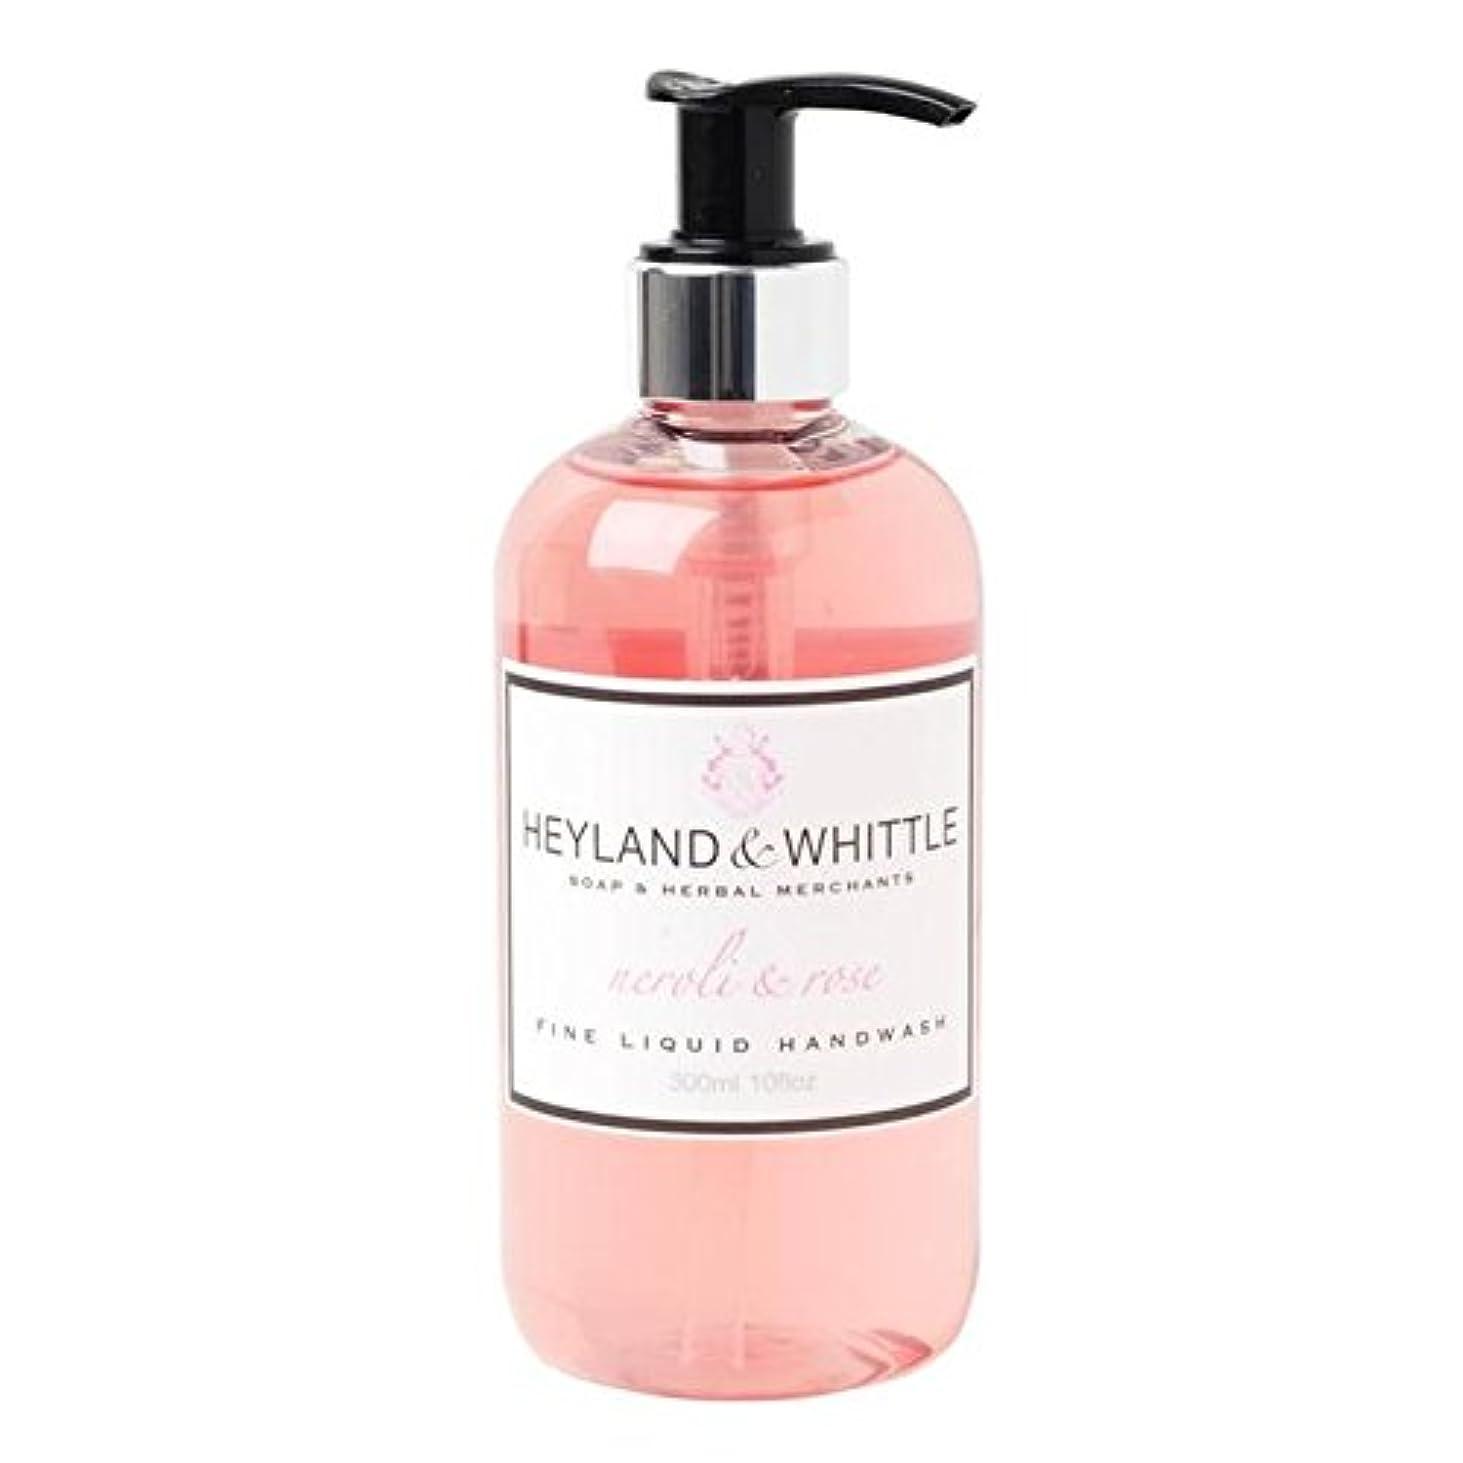 追い付く振り返る複合&削るネロリ&手洗いの300ミリリットルをバラ x2 - Heyland & Whittle Neroli & Rose Handwash 300ml (Pack of 2) [並行輸入品]